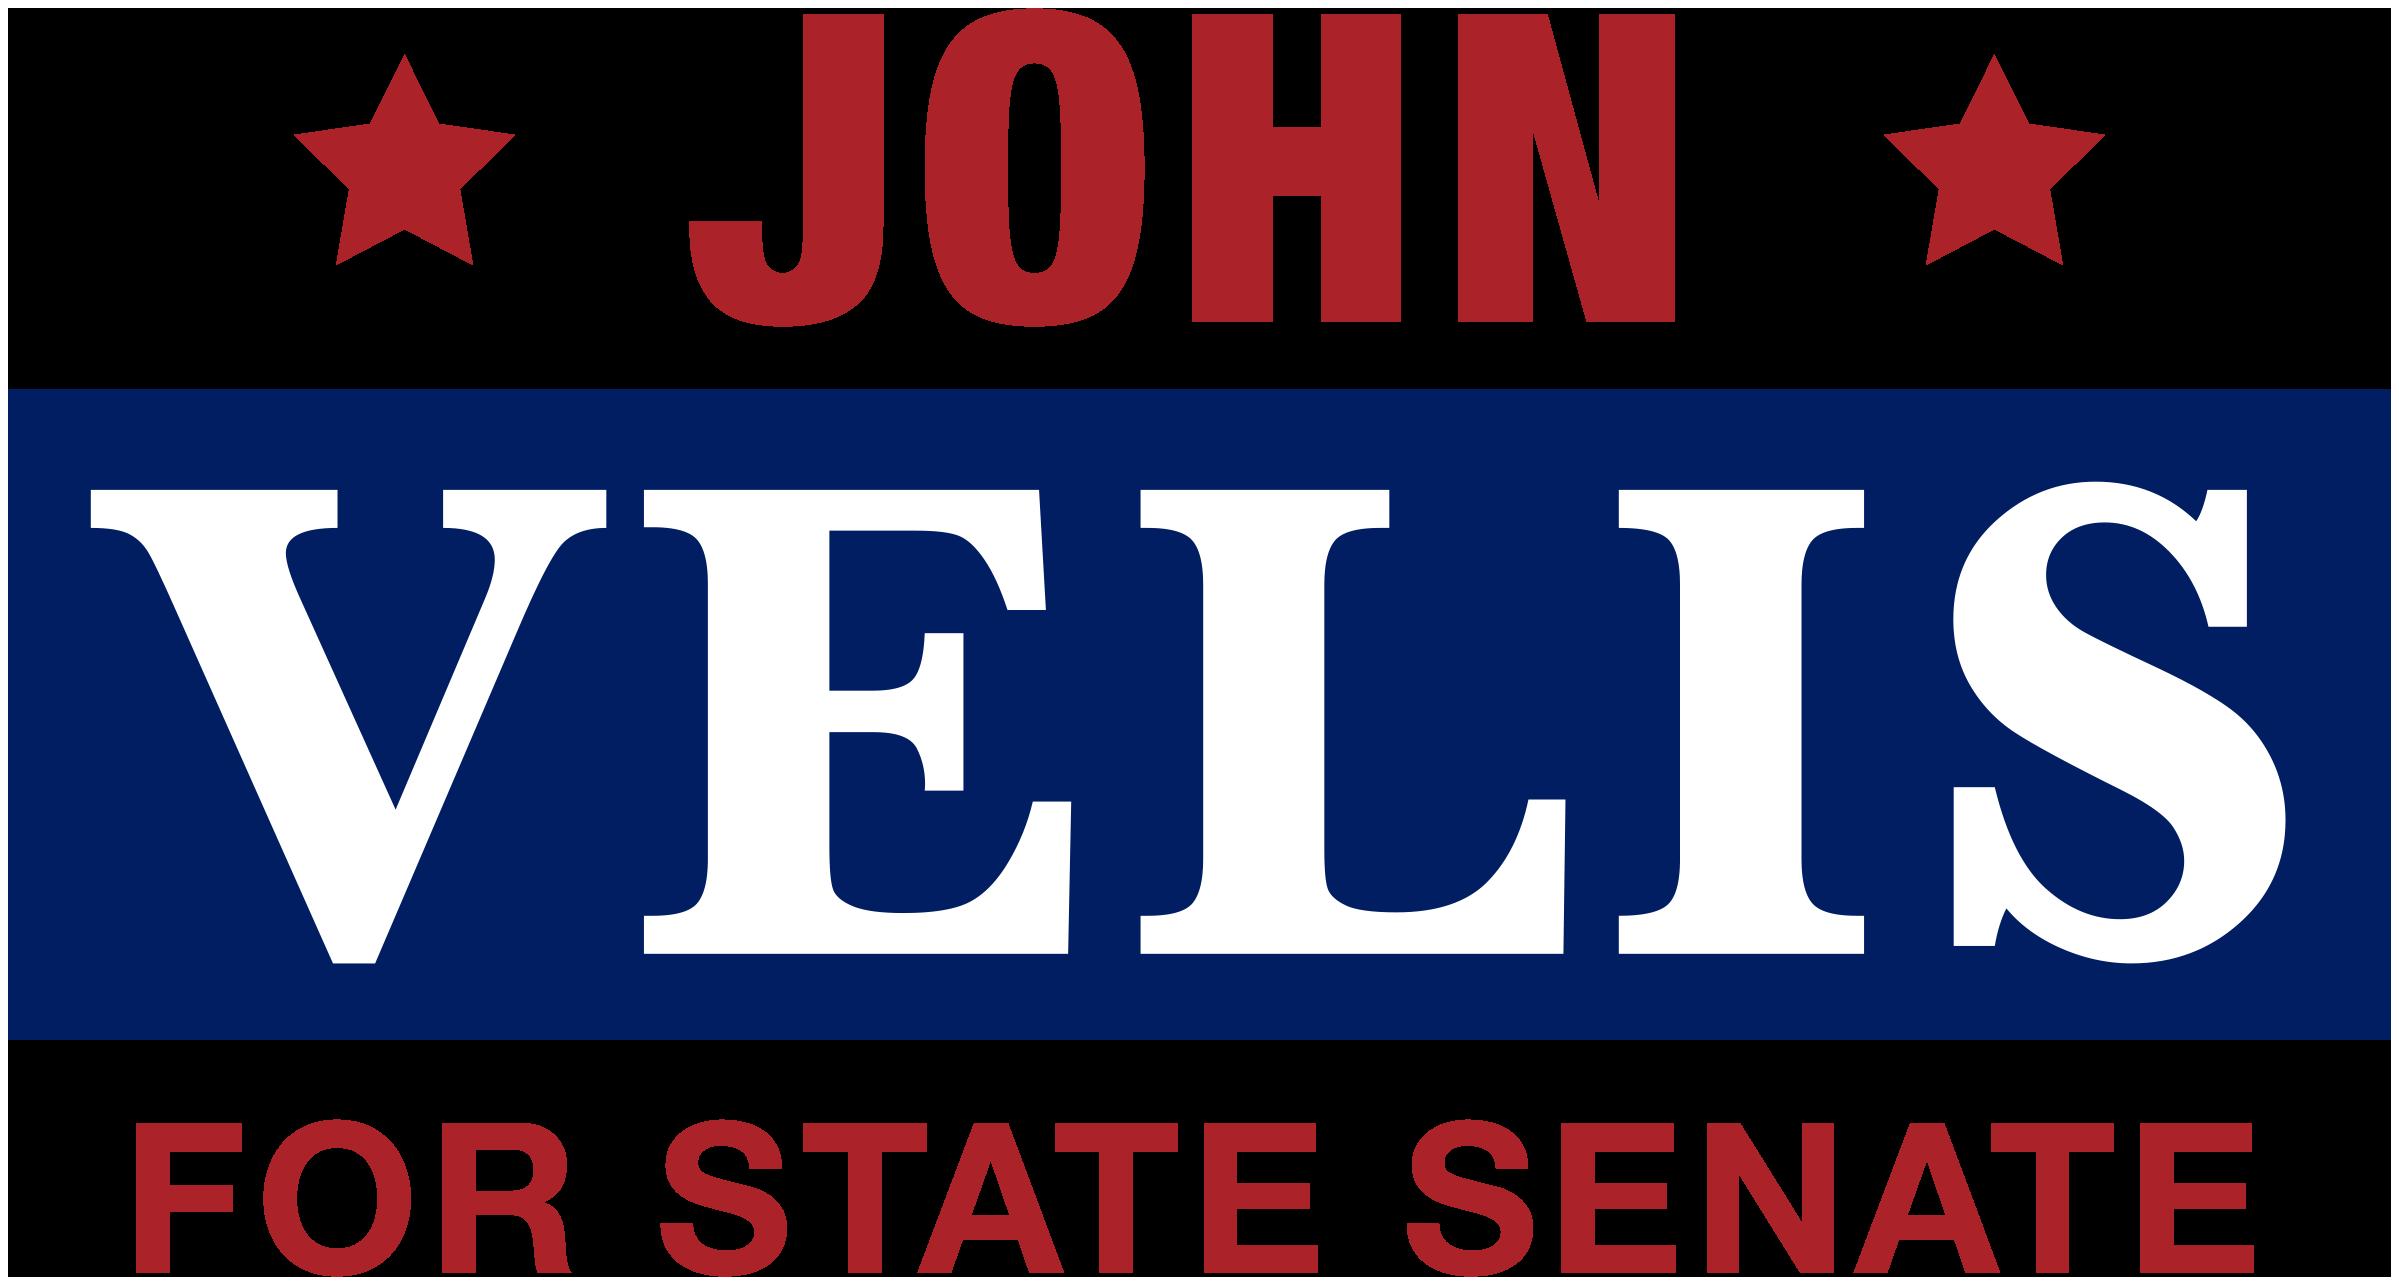 John Velis